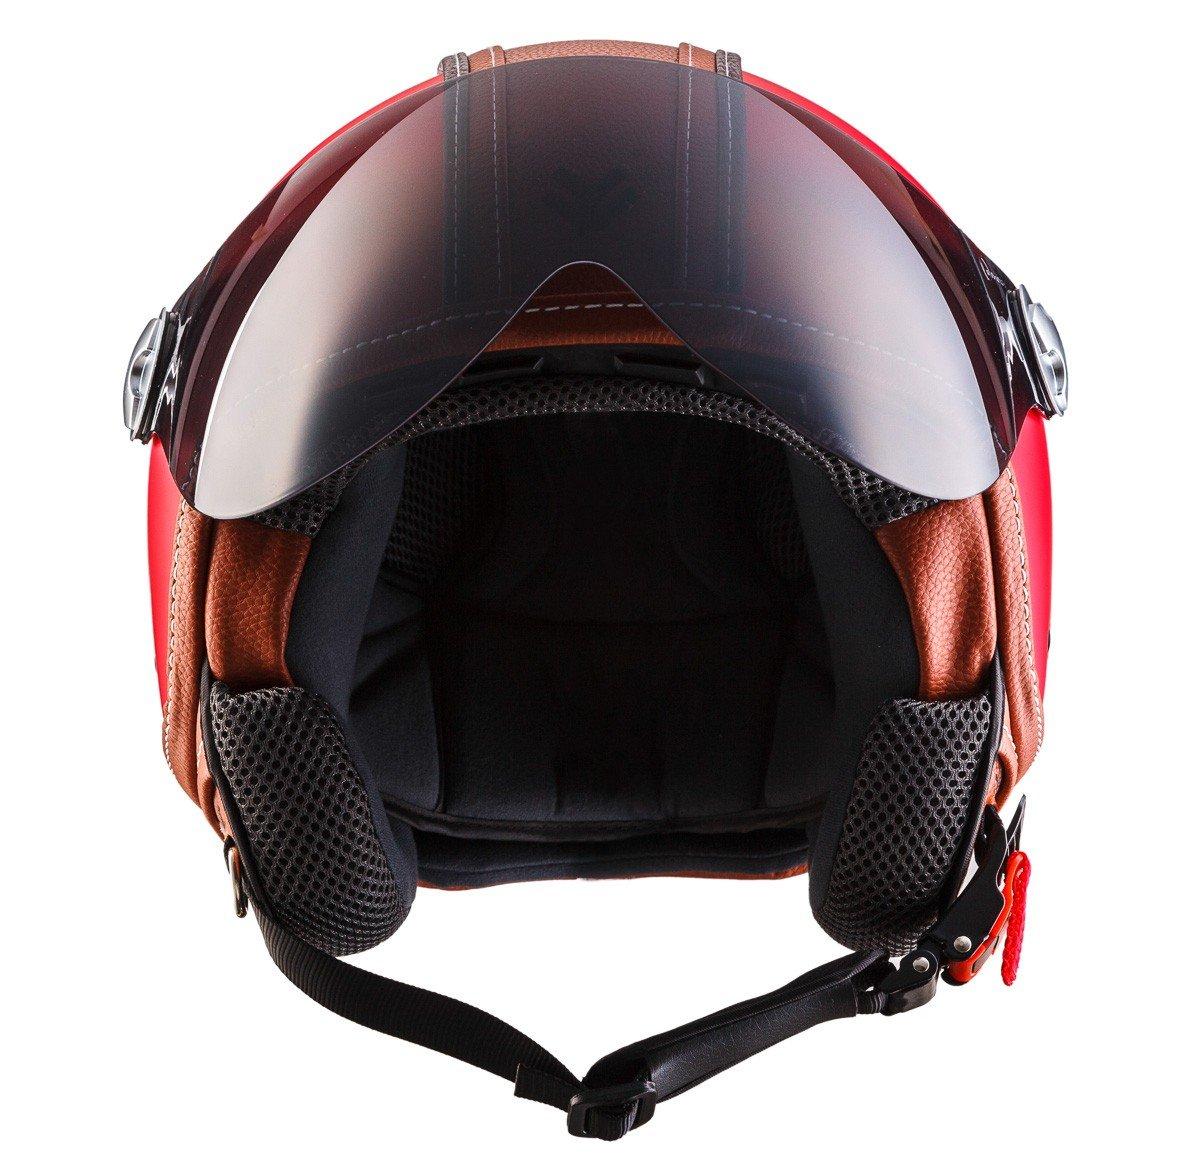 """Armor /· AV-84 /""""Vintage Deluxe Red/"""" /· Casco Demi Jet /· Piloto Urbano Scooter Helmet Motocicletta Moto /· ECE certificato /· Visor /· Click-n-Secure/™ Clip /· Borsa per il trasporto /· red"""